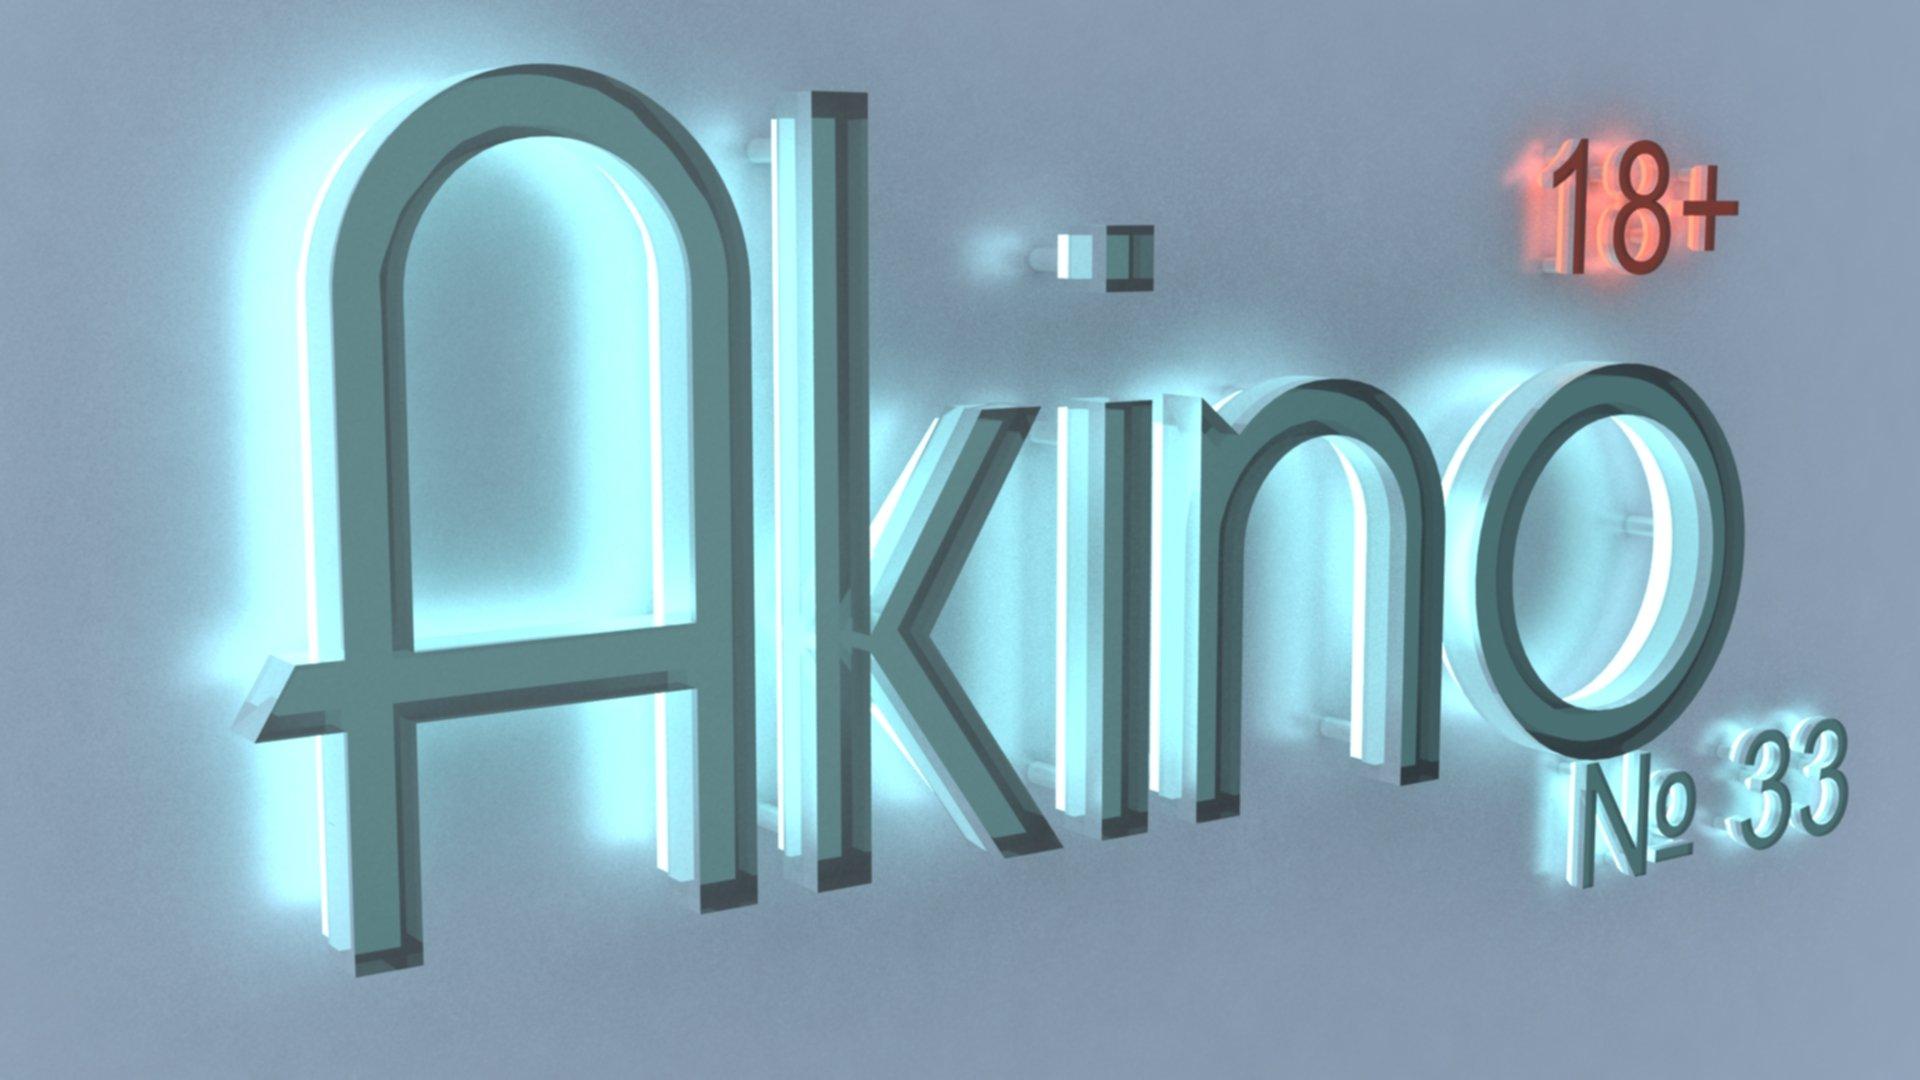 Подкаст AkiNO Выпуск № 33 (18+). - Изображение 1